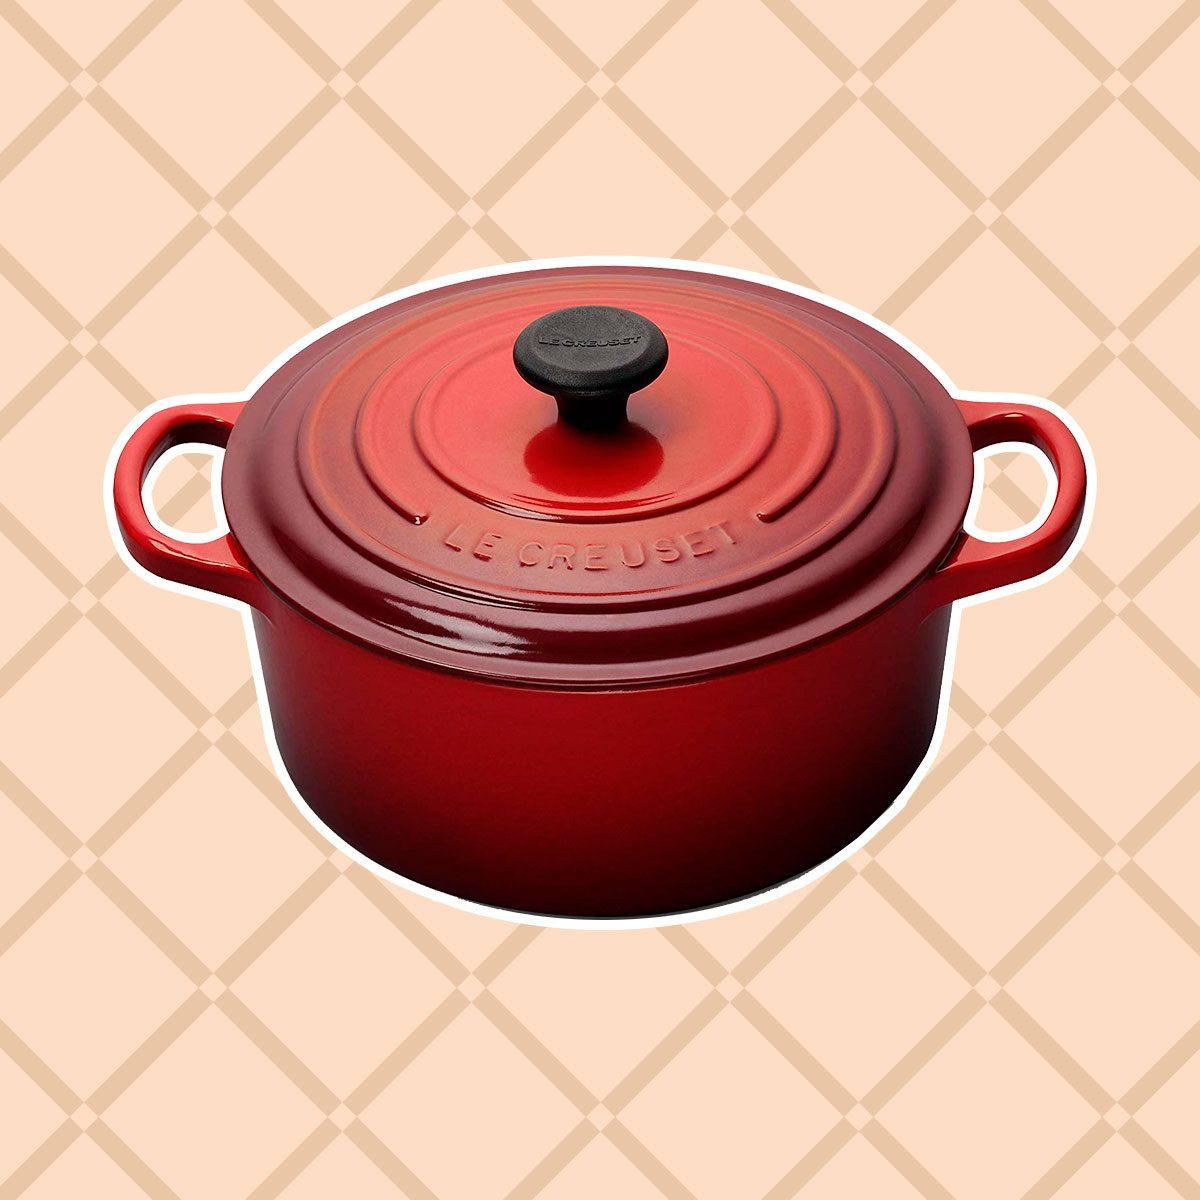 Le Creuset Enameled Cast-Iron Dutch Oven